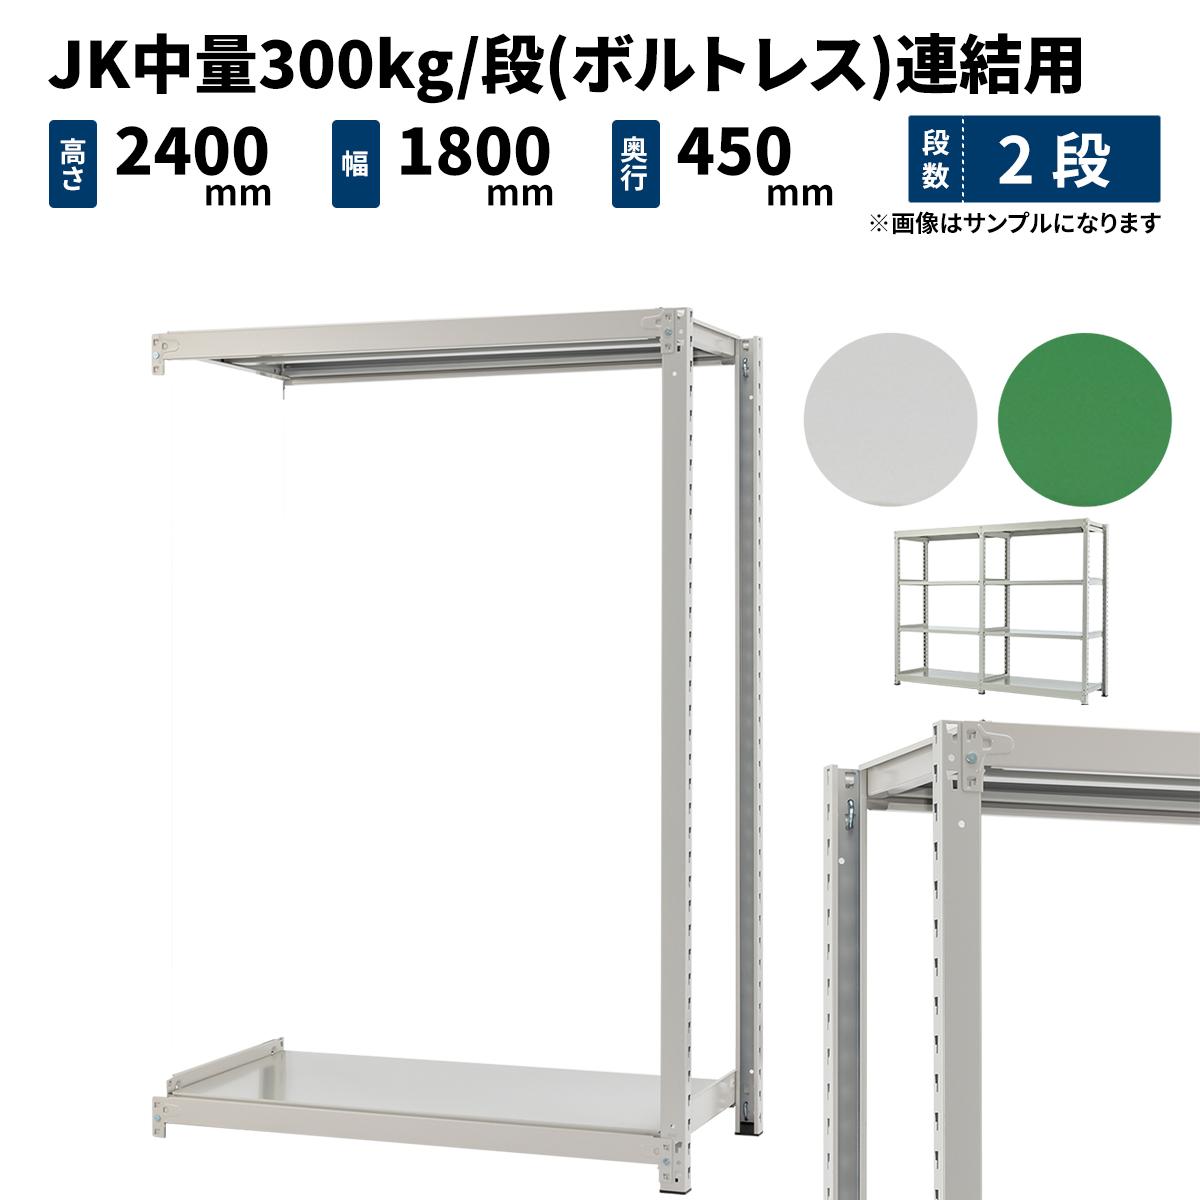 スチールラック 業務用 JK中量300kg/段(ボルトレス) 連結形式 高さ2400×幅1800×奥行450mm 2段 ホワイトグレー/グリーン (43kg) JK300_R-241845-2